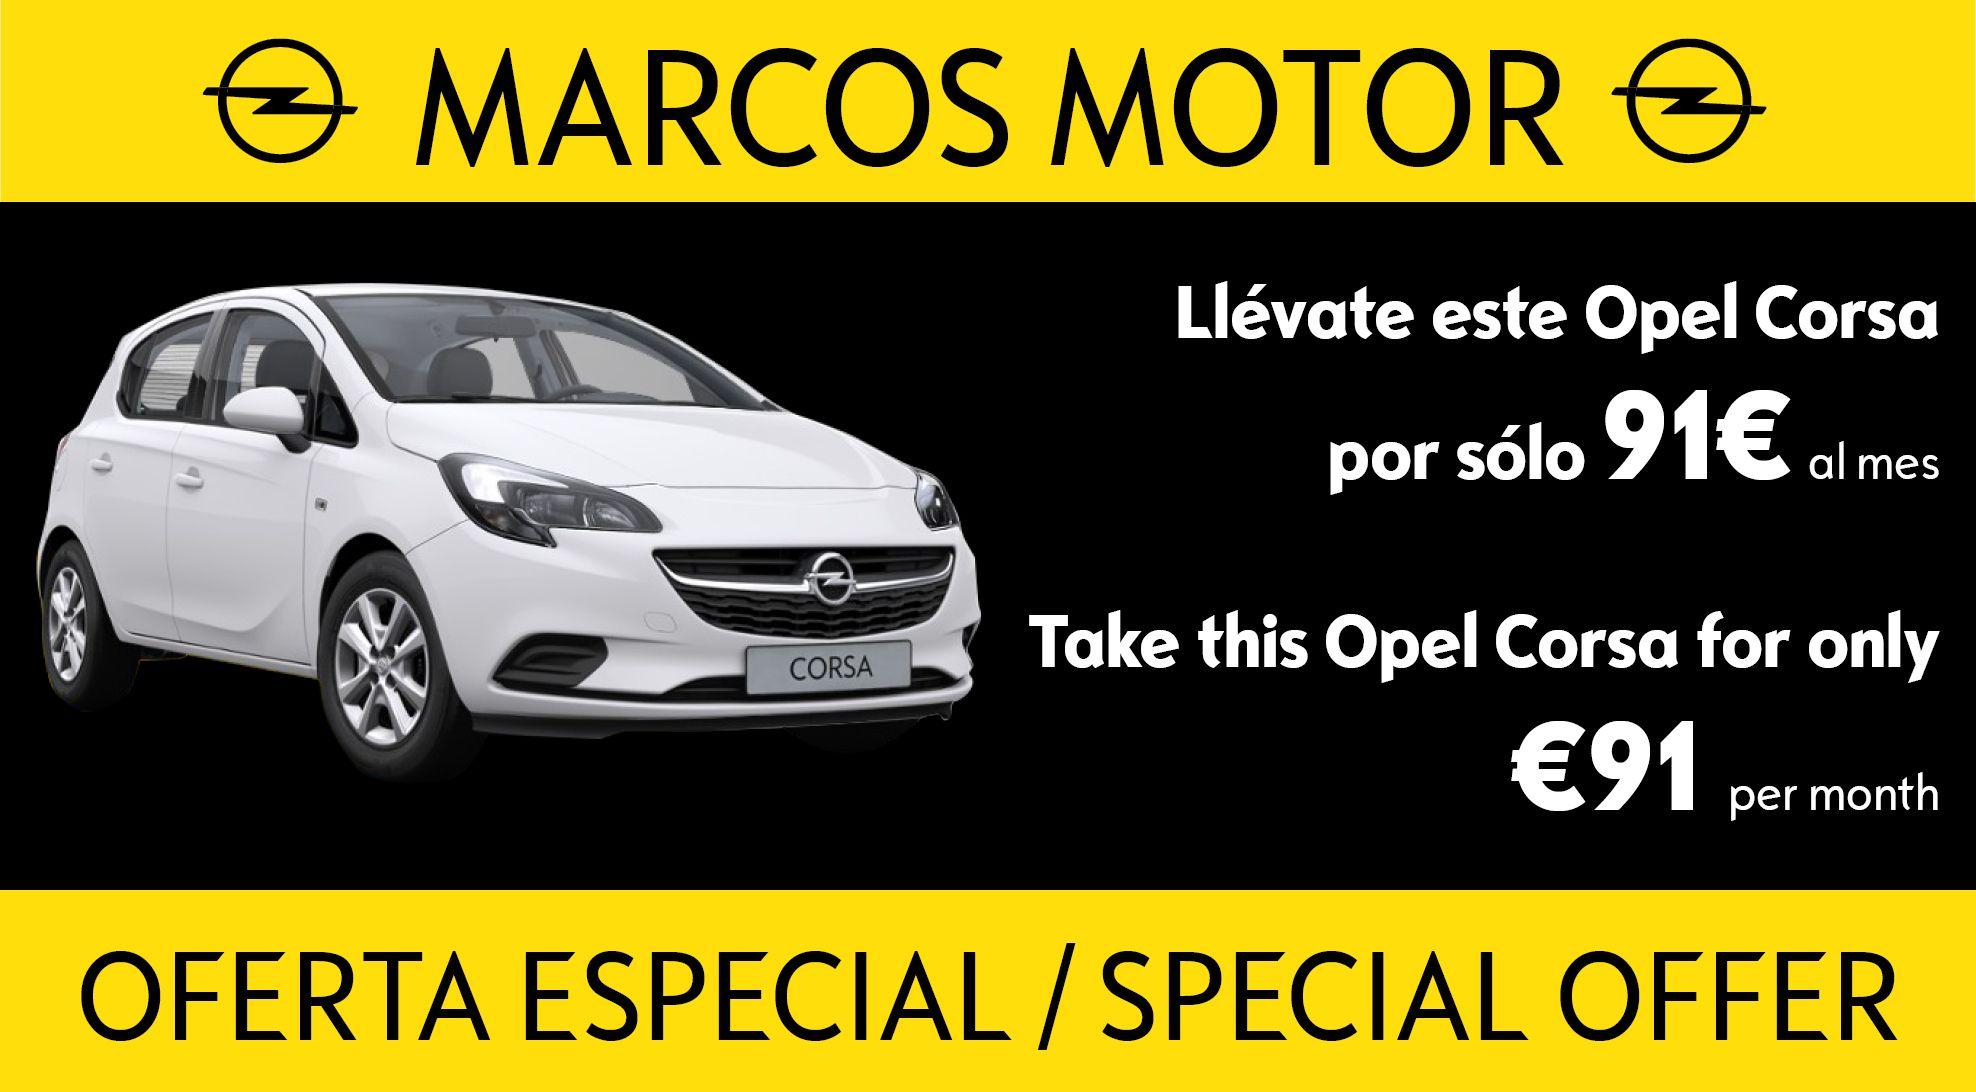 Oferta Opel Corsa 91€ al mes